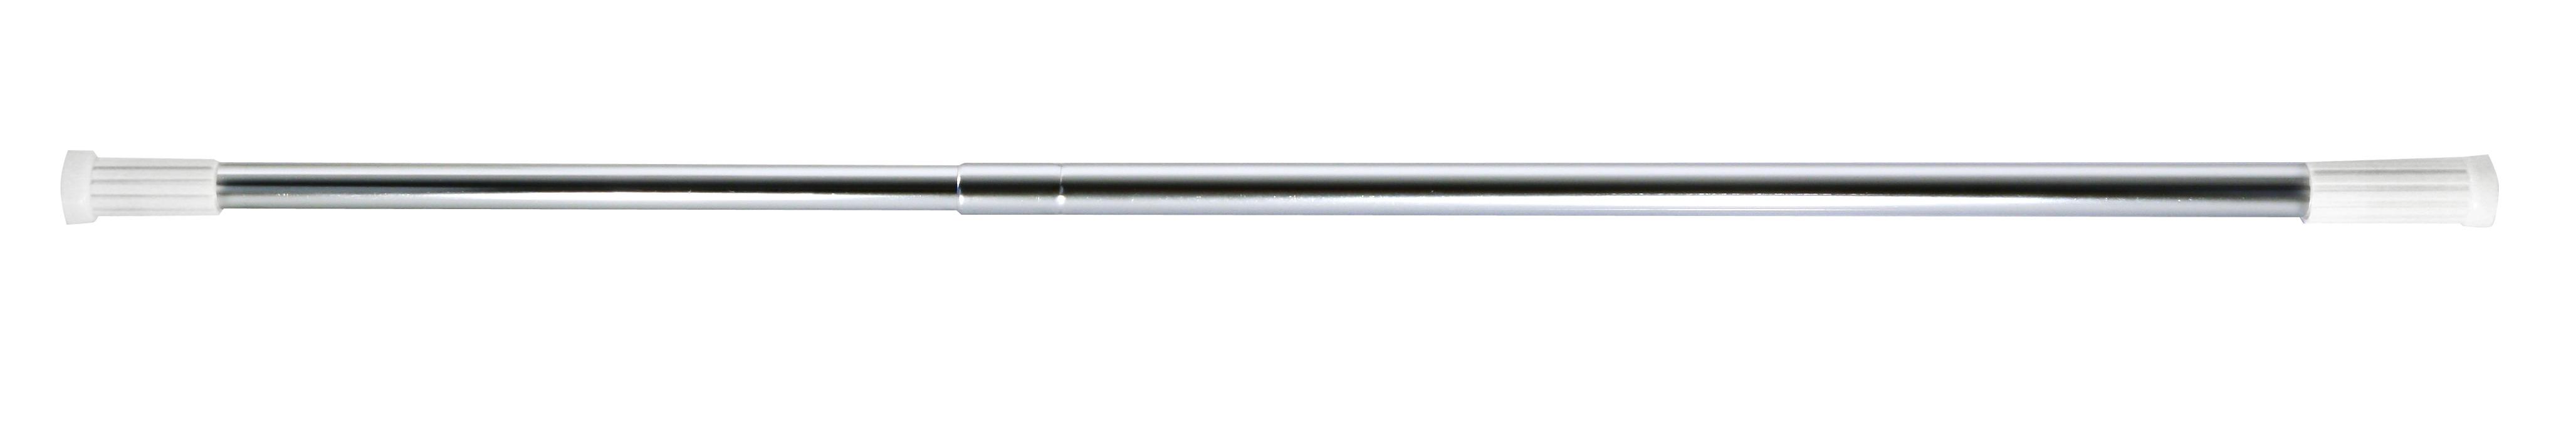 Tyč na sprchový závěs Olsen 70-120 chrom